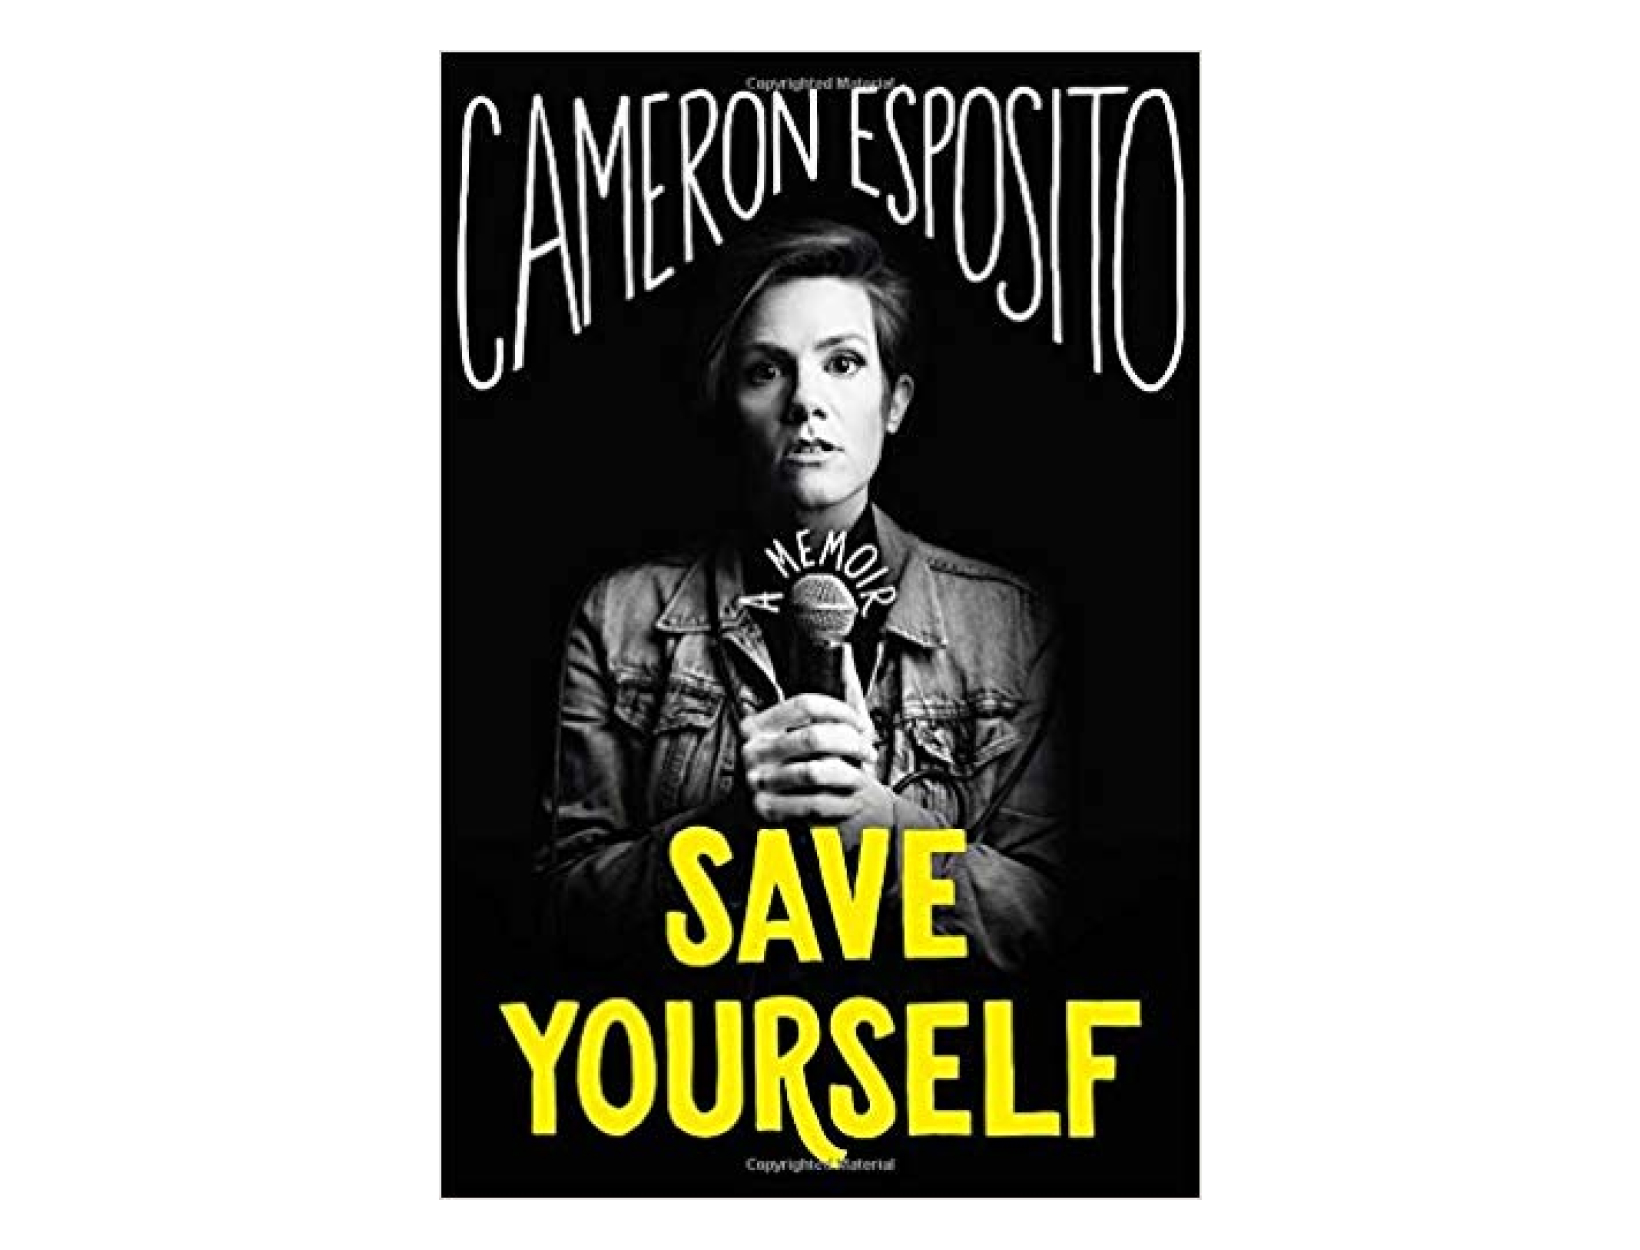 <em>Save Yourself</em> by CameronEsposito